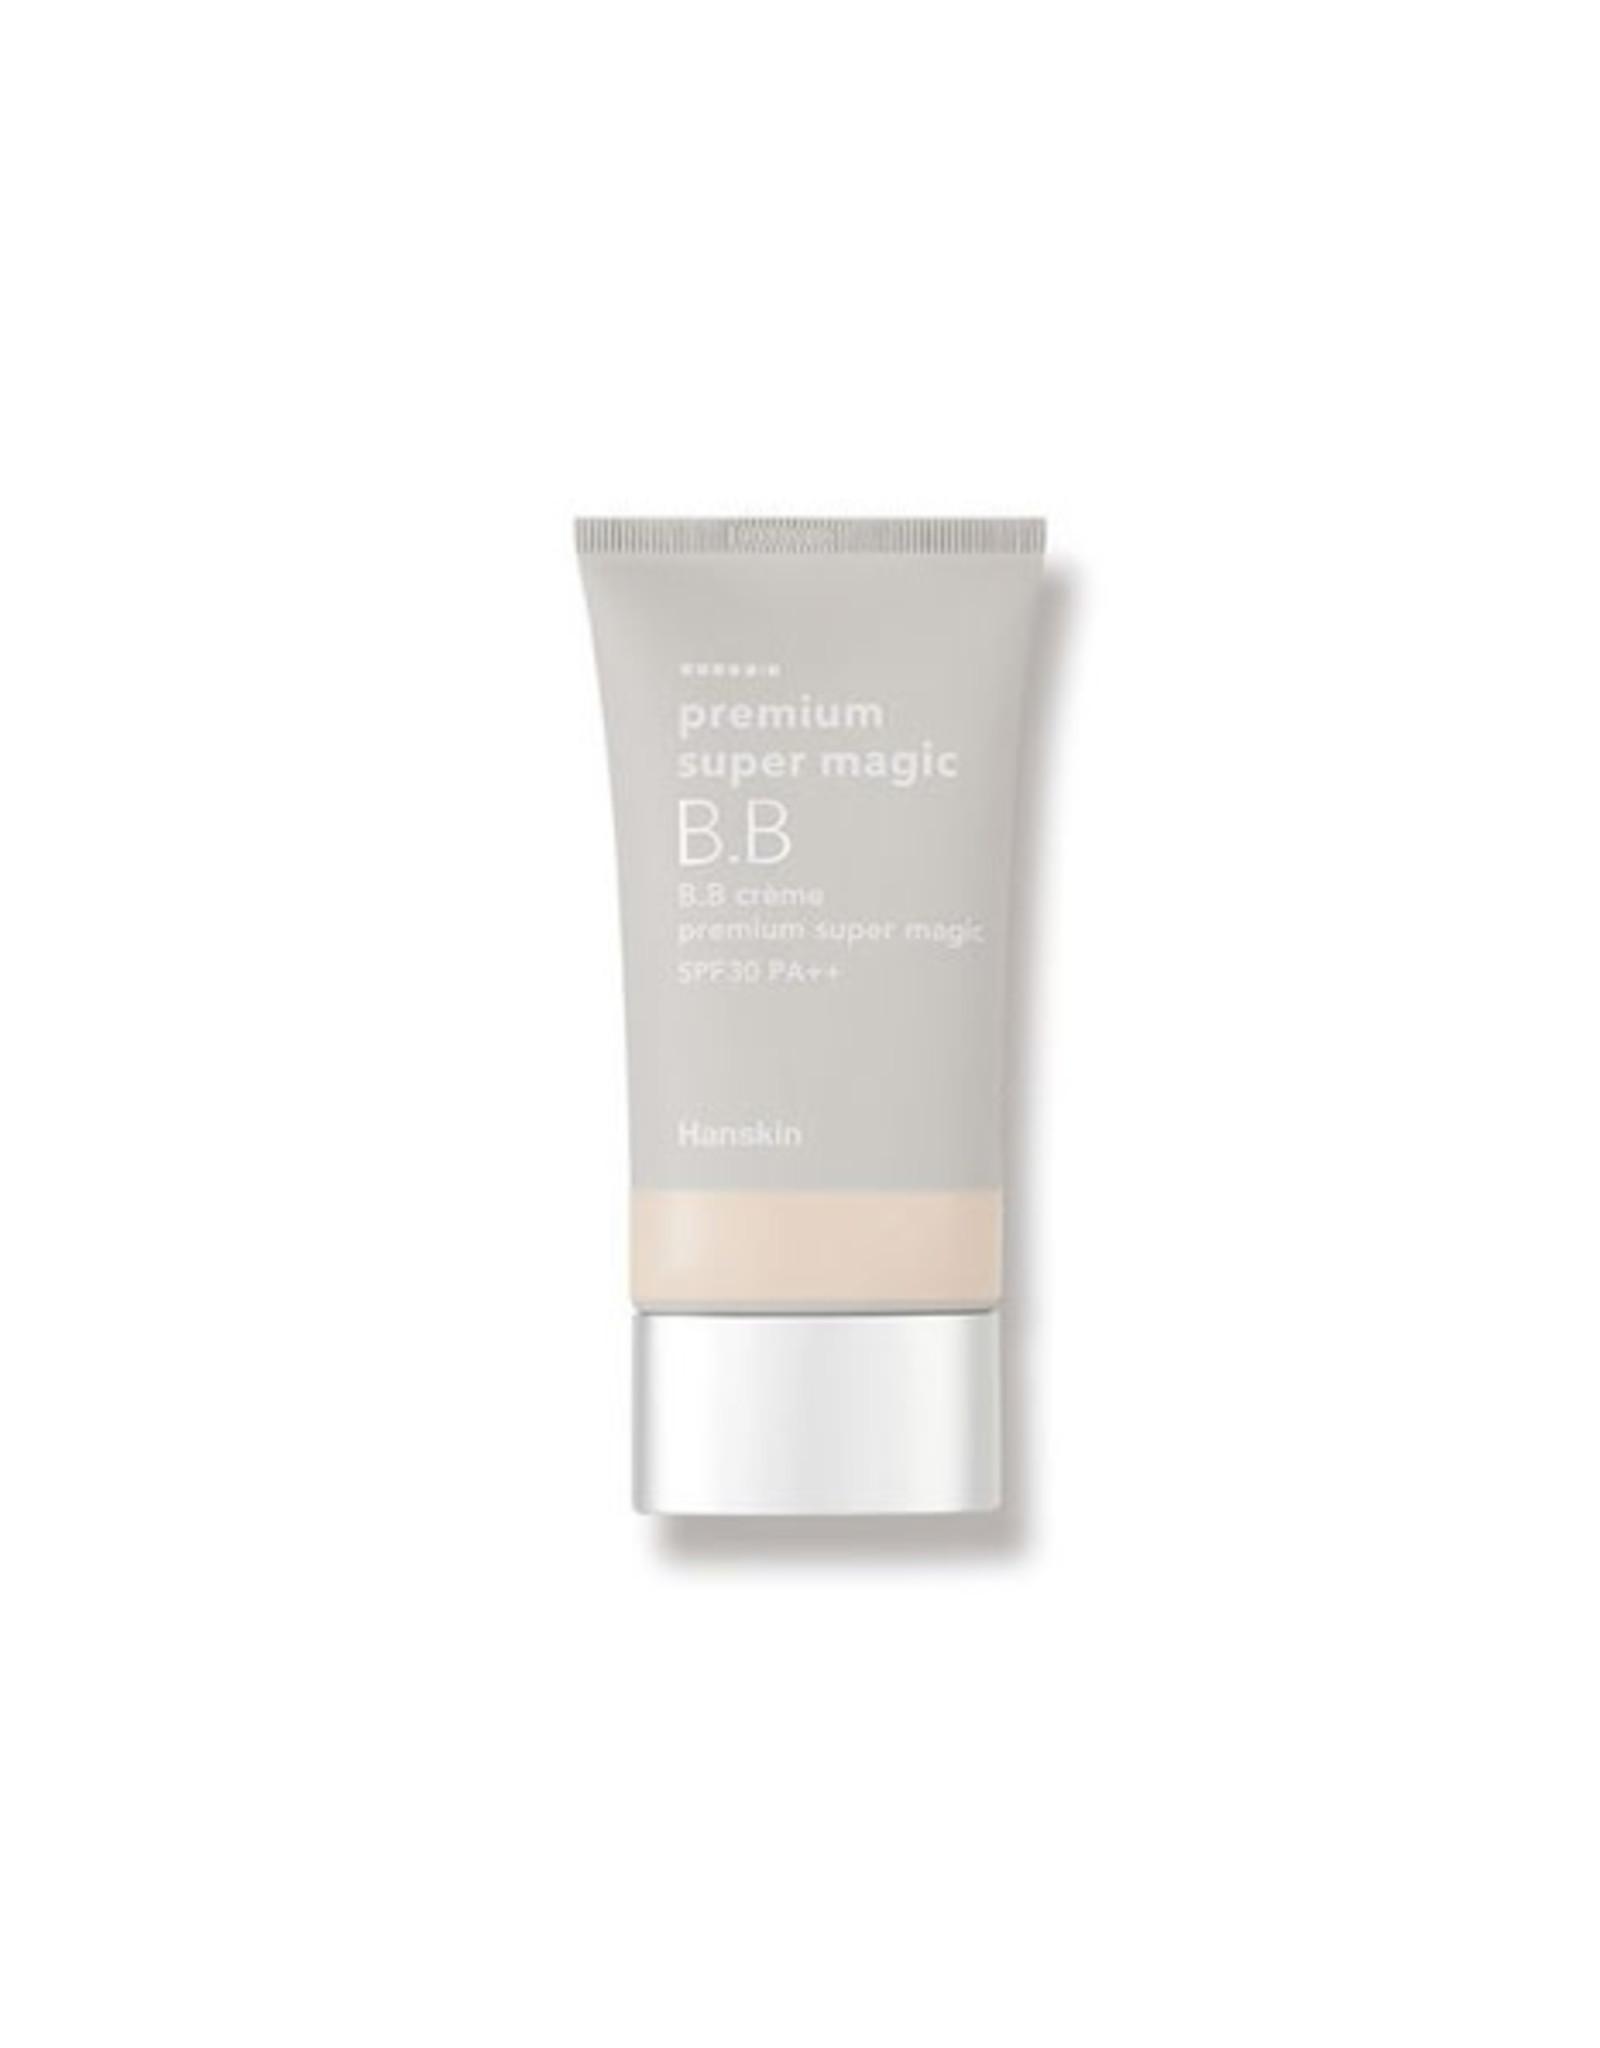 Hanskin Hanskin Premium Super Magic BB Cream SPF 30 PA++ 45g